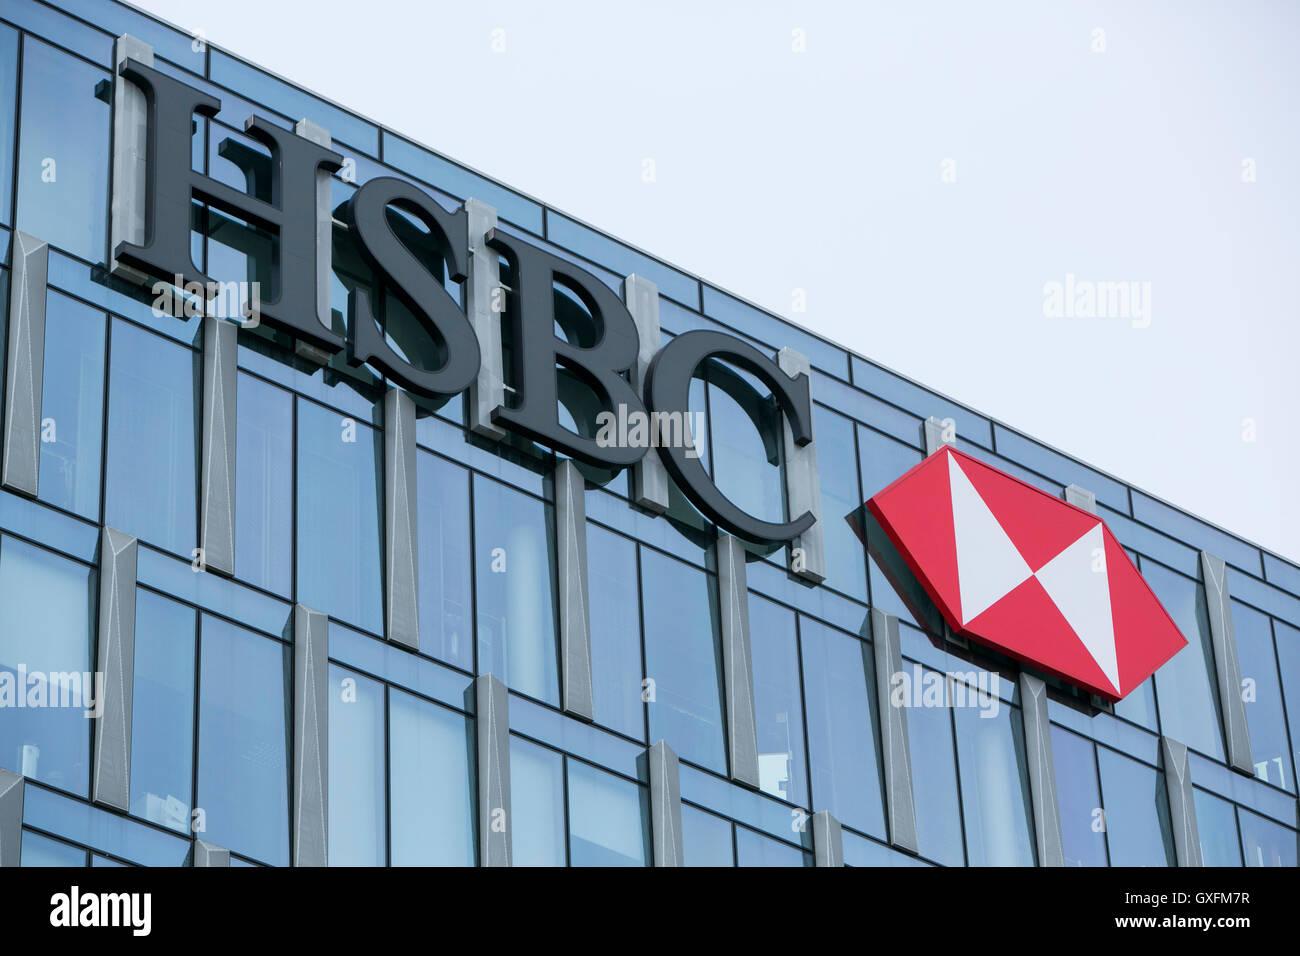 Hsbc Stock Photos & Hsbc Stock Images - Alamy